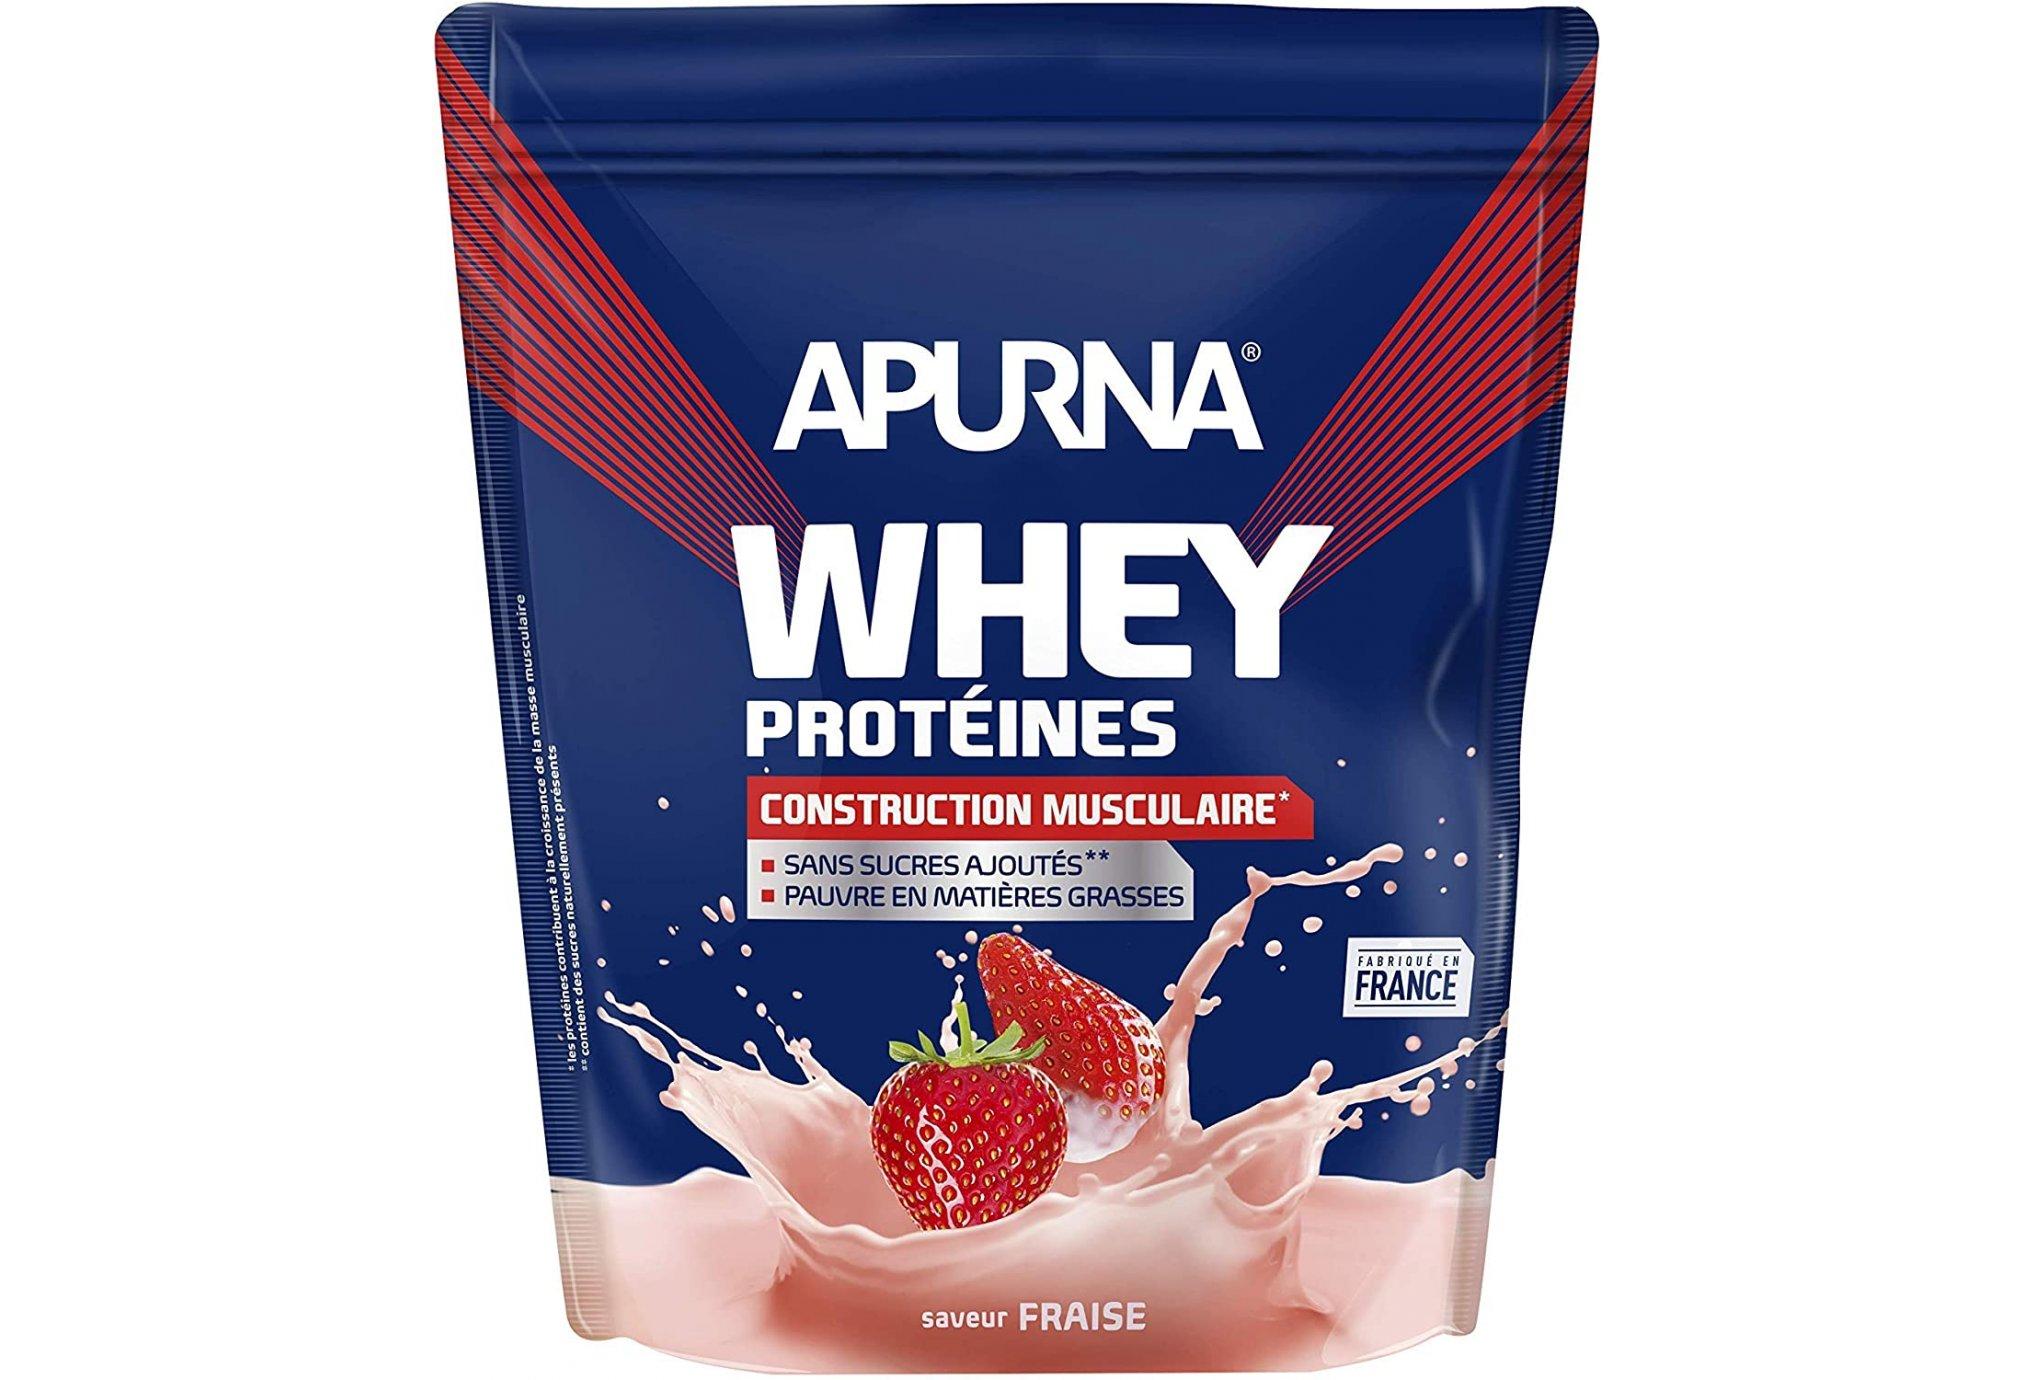 Apurna Whey protéines Fraises - 720 g Diététique Protéines / récupération